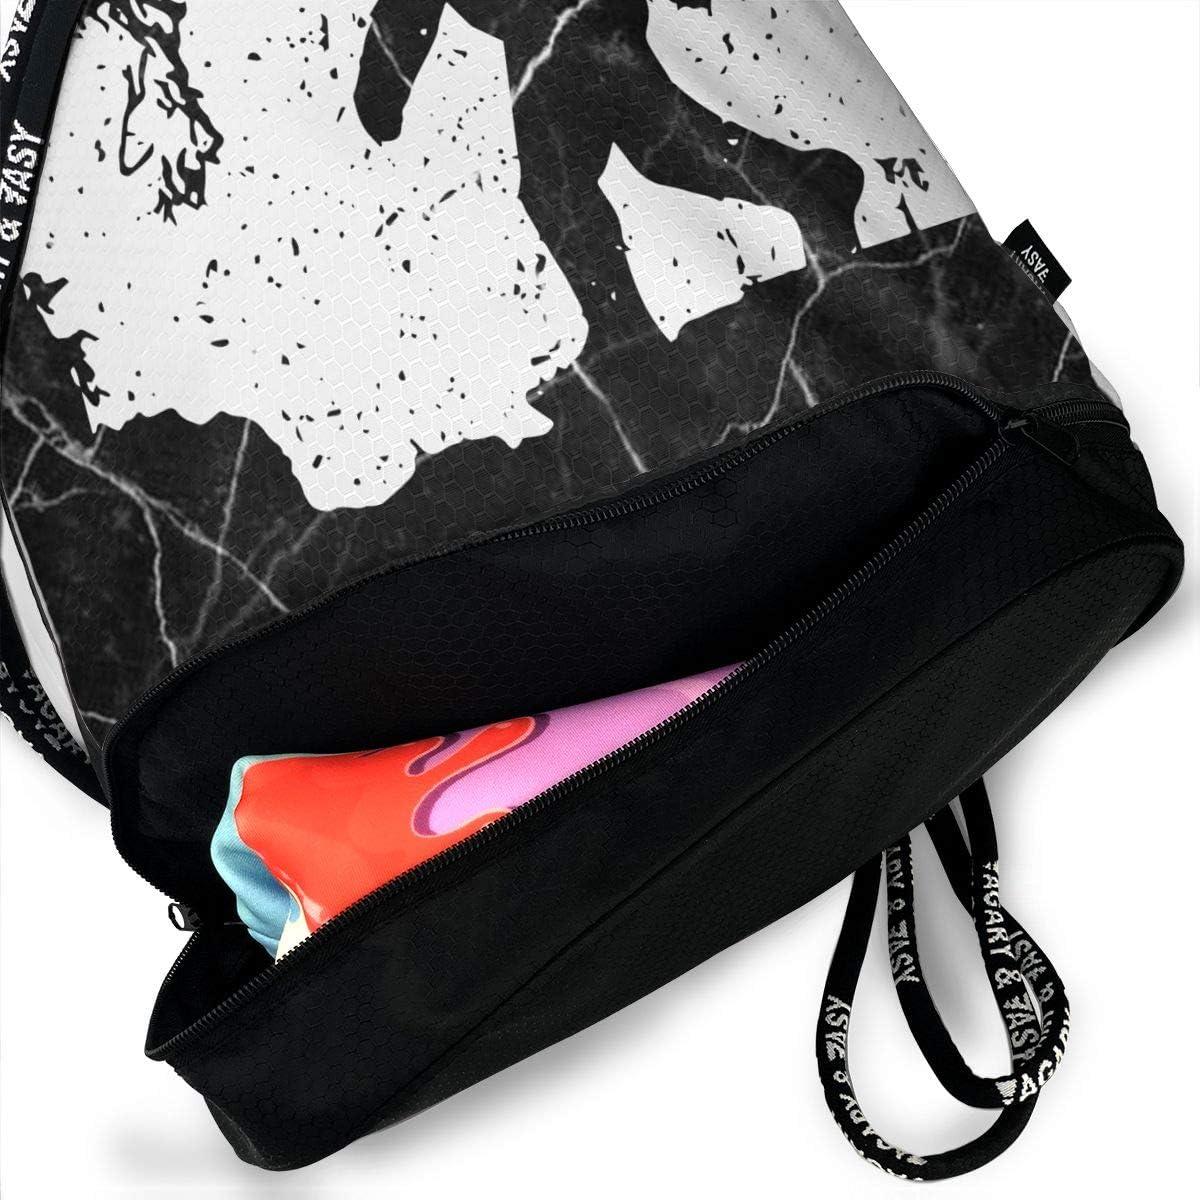 SG0HGO Drawstring Sport Bag Washington Bigfoot Men /& Women Gym Sport Yoga Rucksack Shoulder Bags